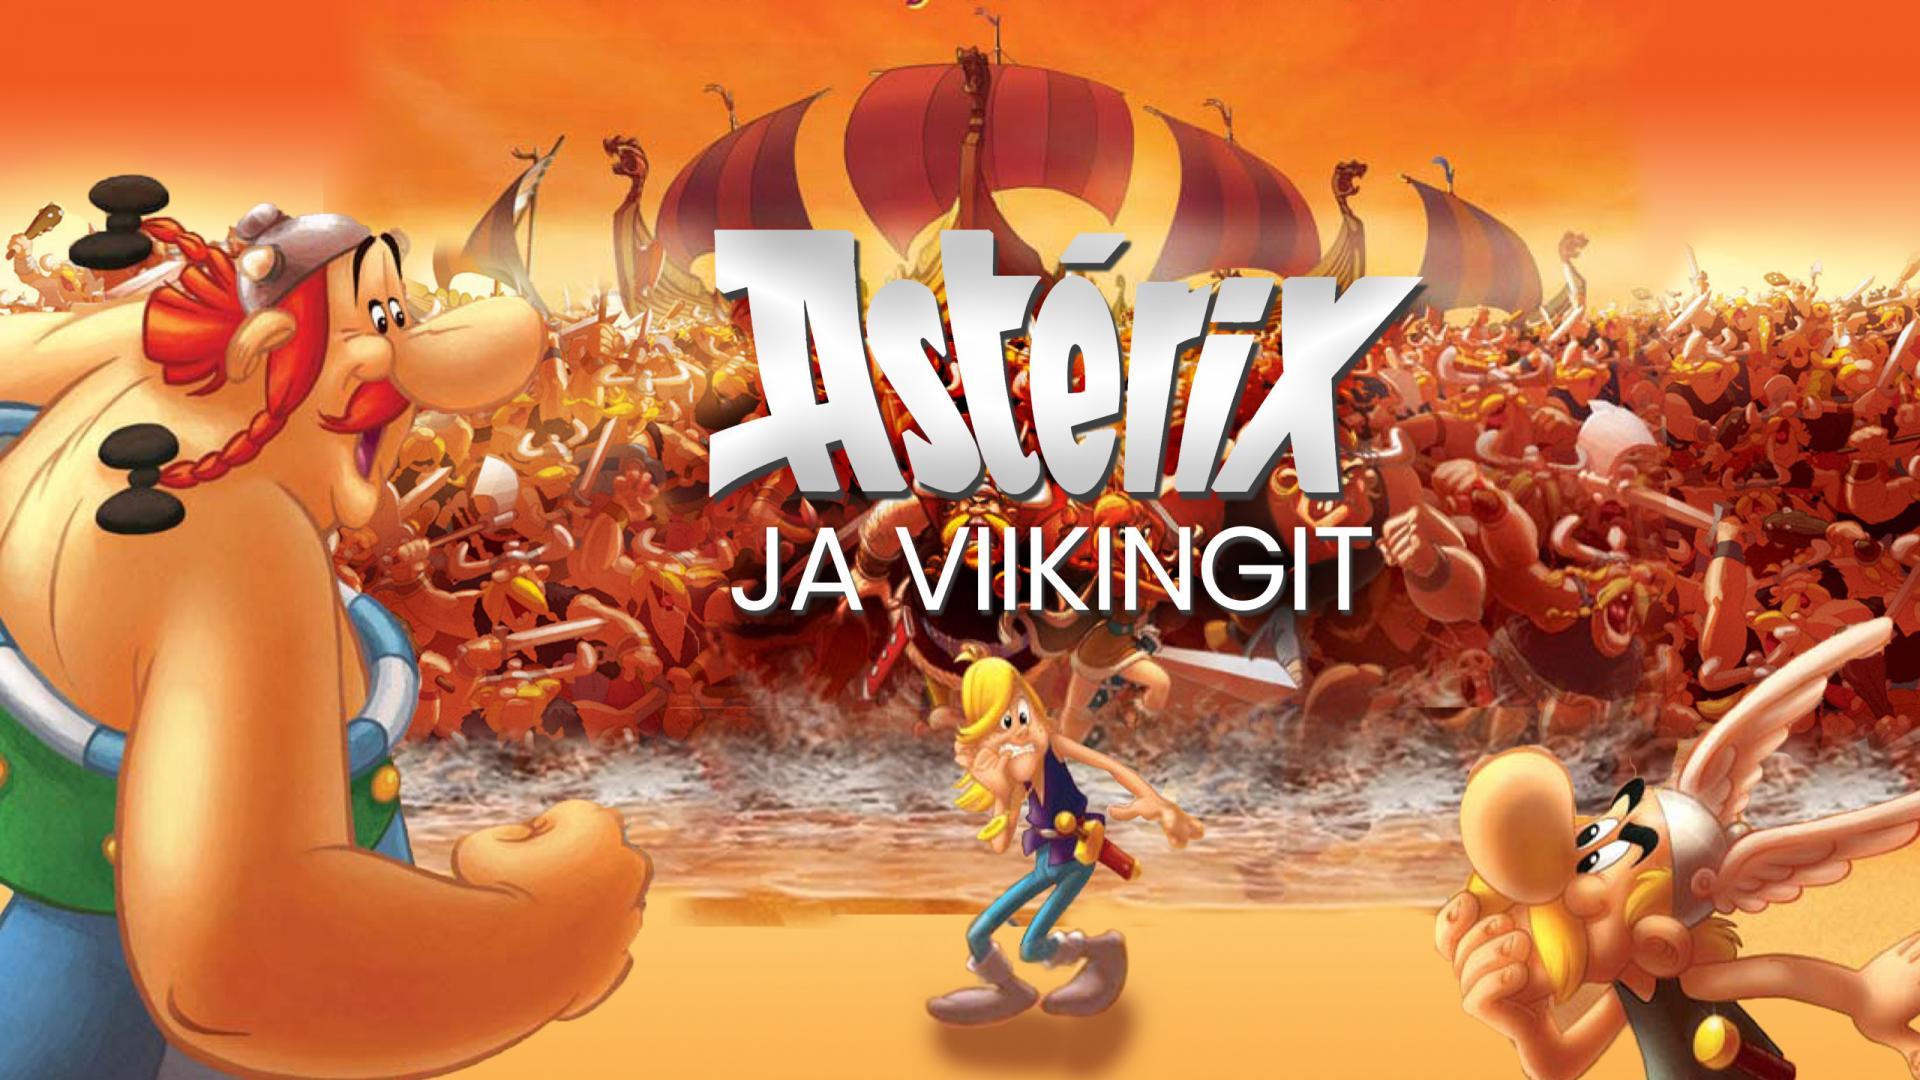 Asterix Ja Viikingit